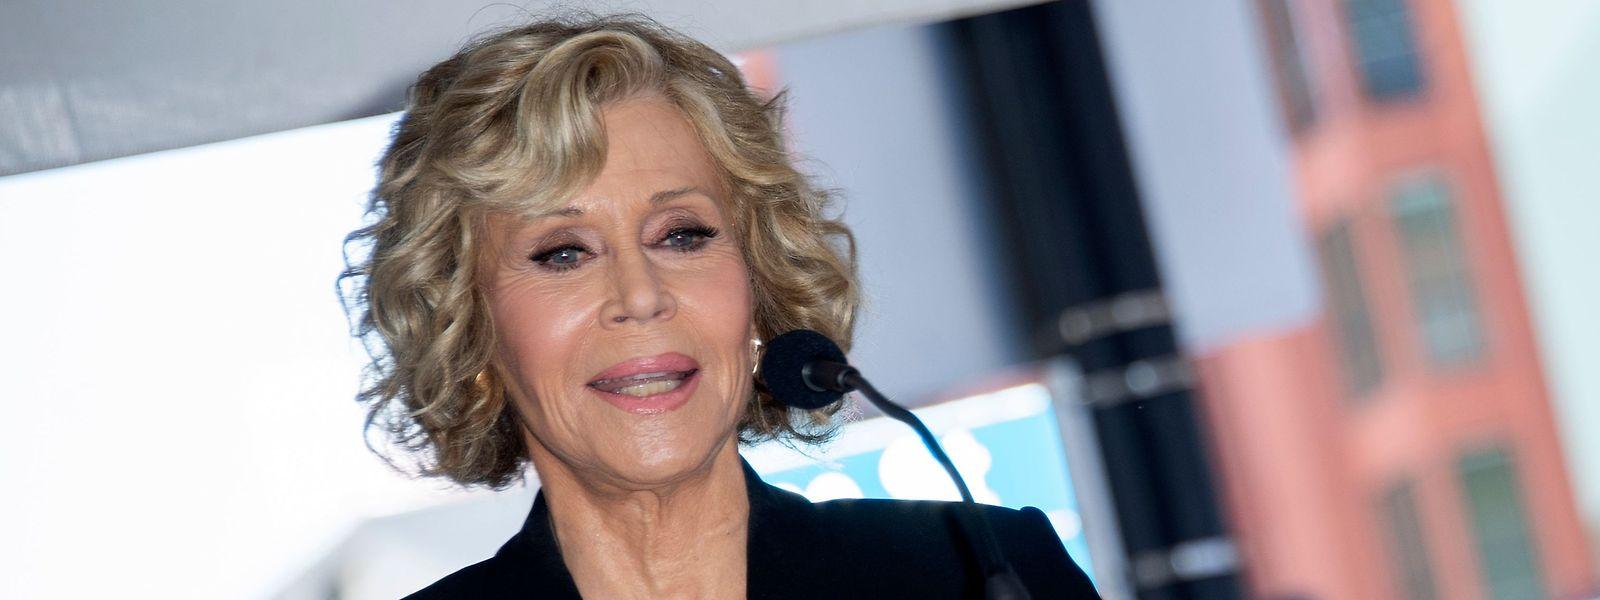 Schauspielerin Jane Fonda ist mittlerweile 81 Jahre alt.